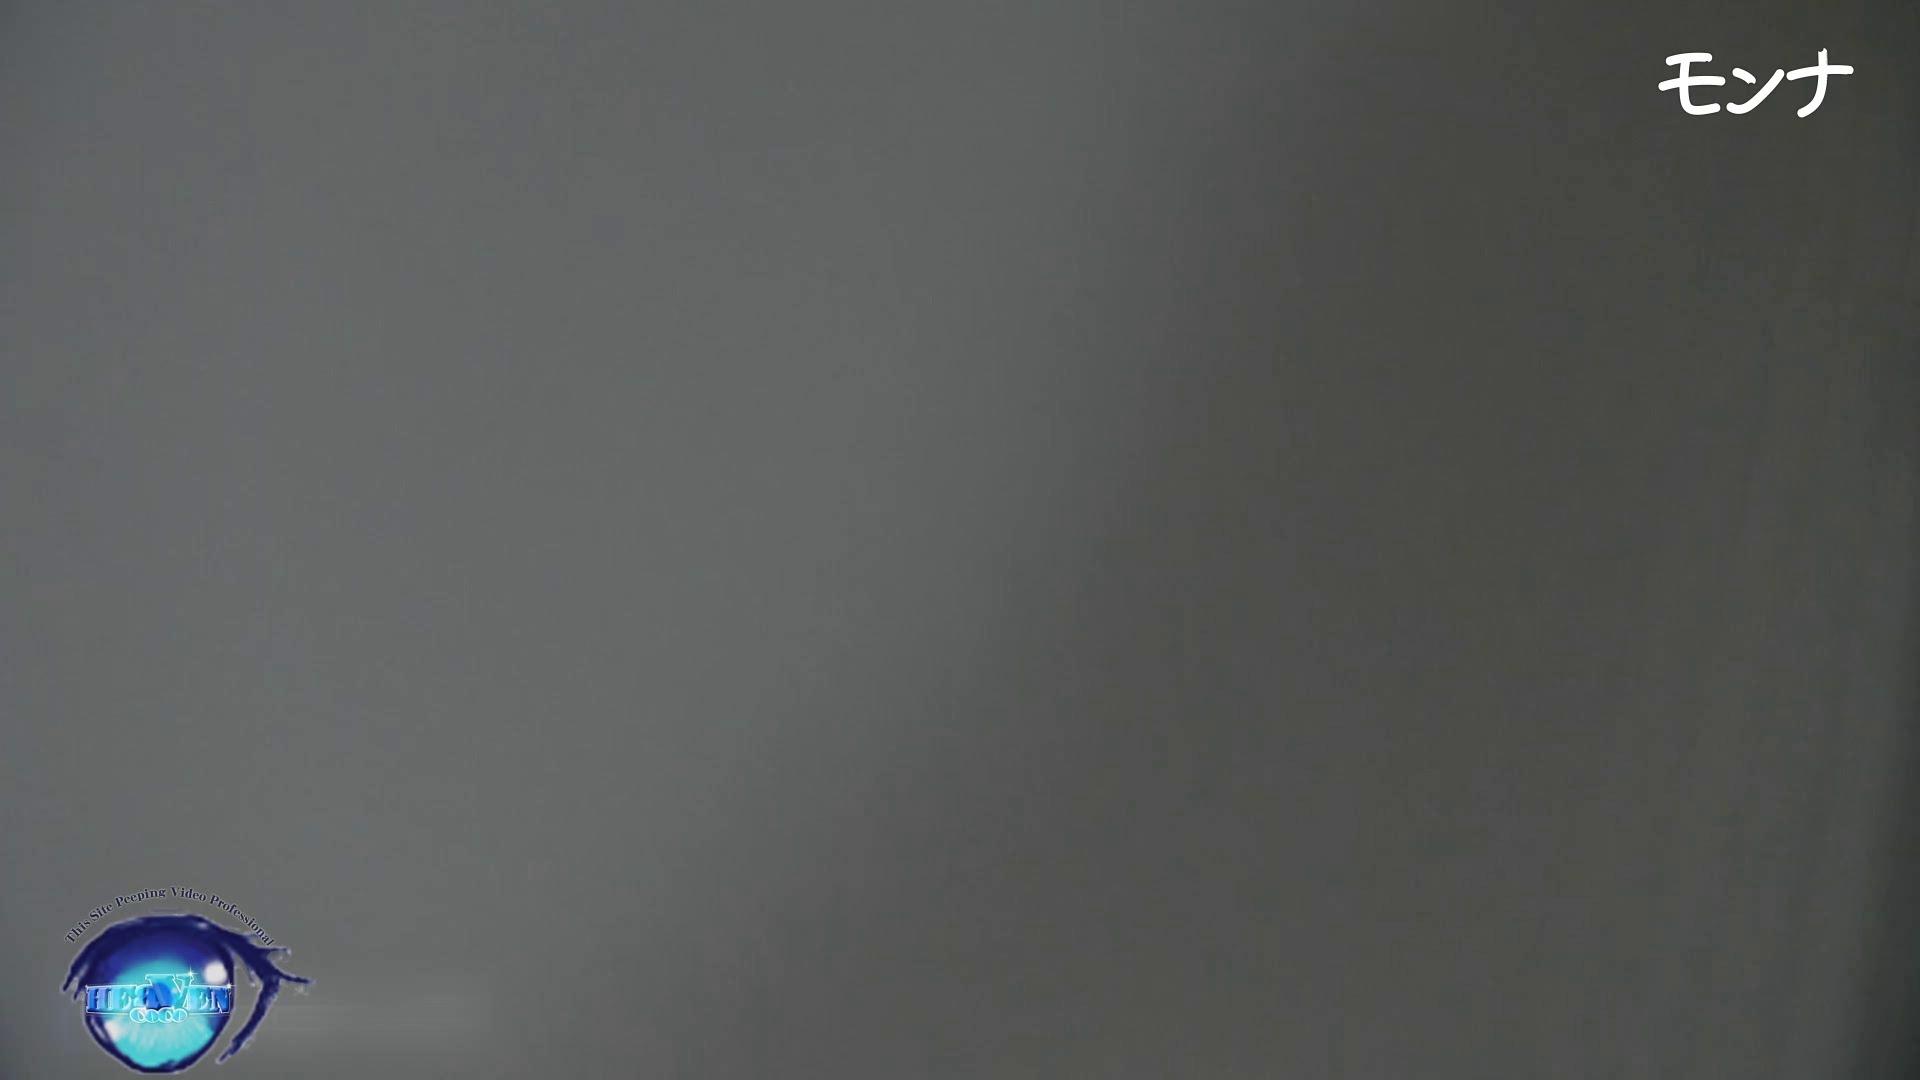 【美しい日本の未来】美しい日本の未来 No.79ロケ地変更、新アングル 盗撮シリーズ   おまんこ見放題  106PIX 37